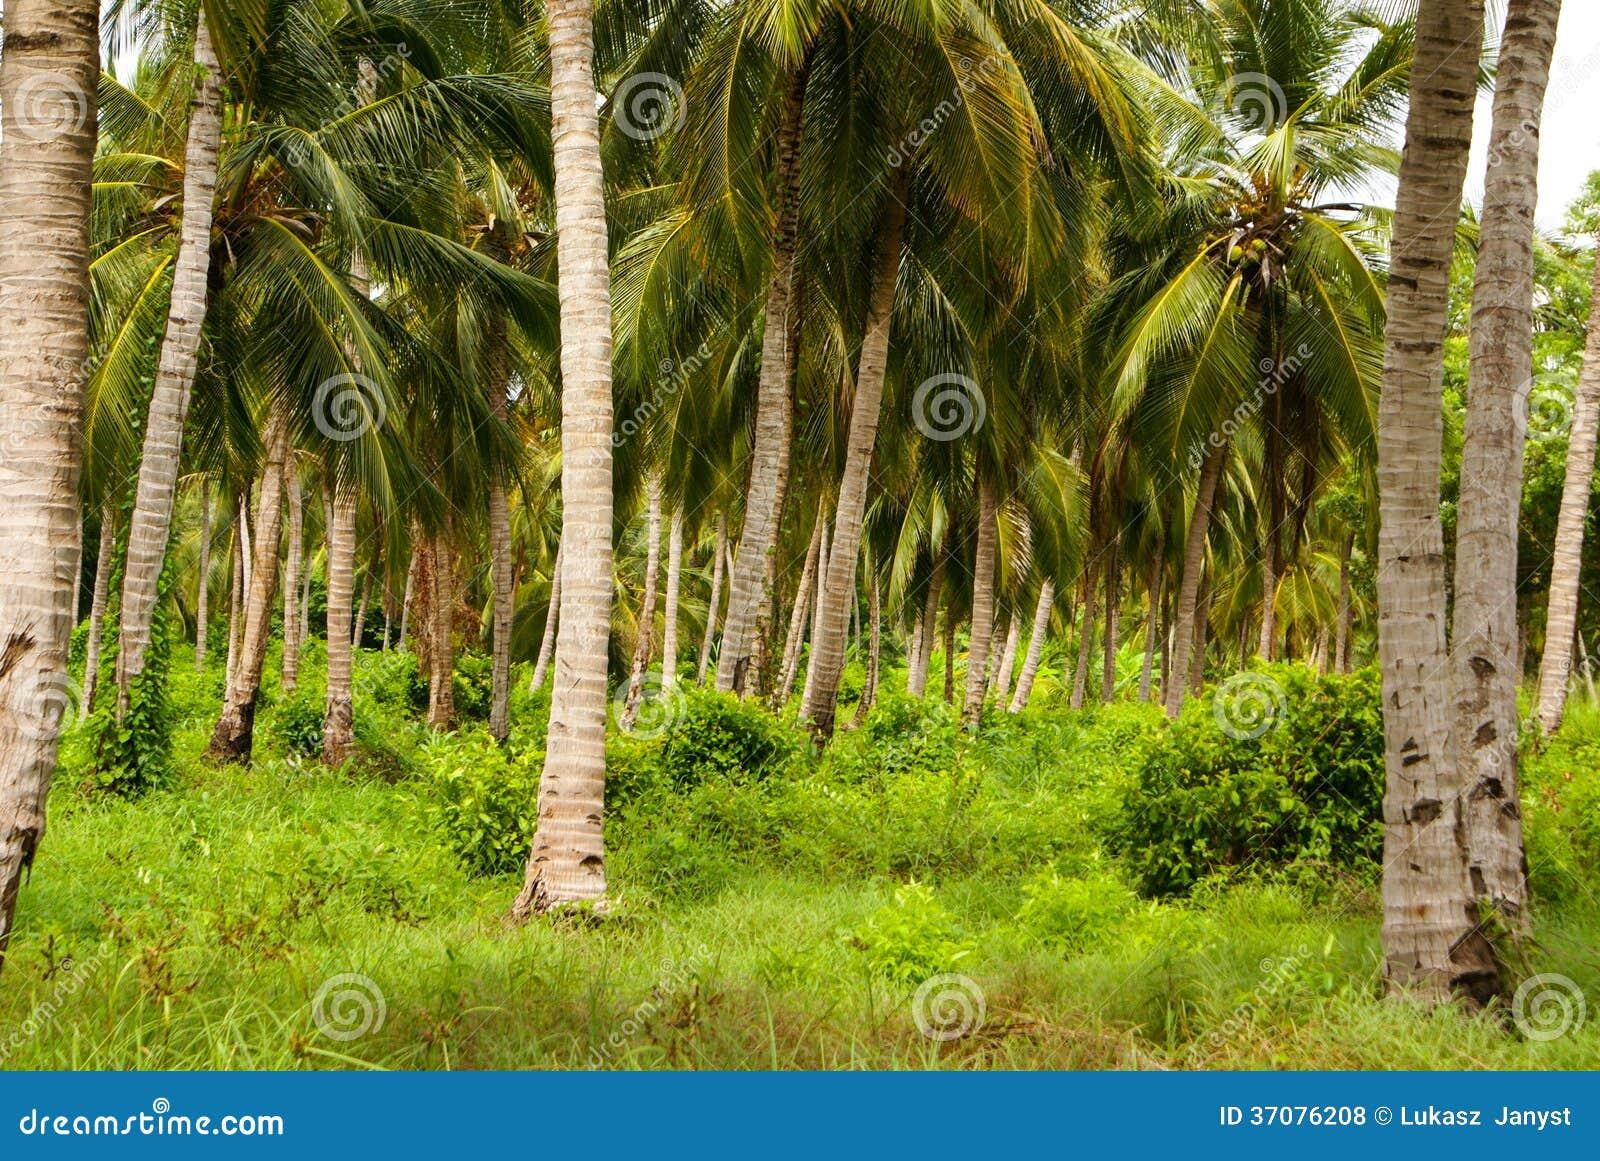 Download Zielony Palmowy Las W Kolumbijskiej Wyspie Mucura Zdjęcie Stock - Obraz złożonej z horyzontalny, palma: 37076208